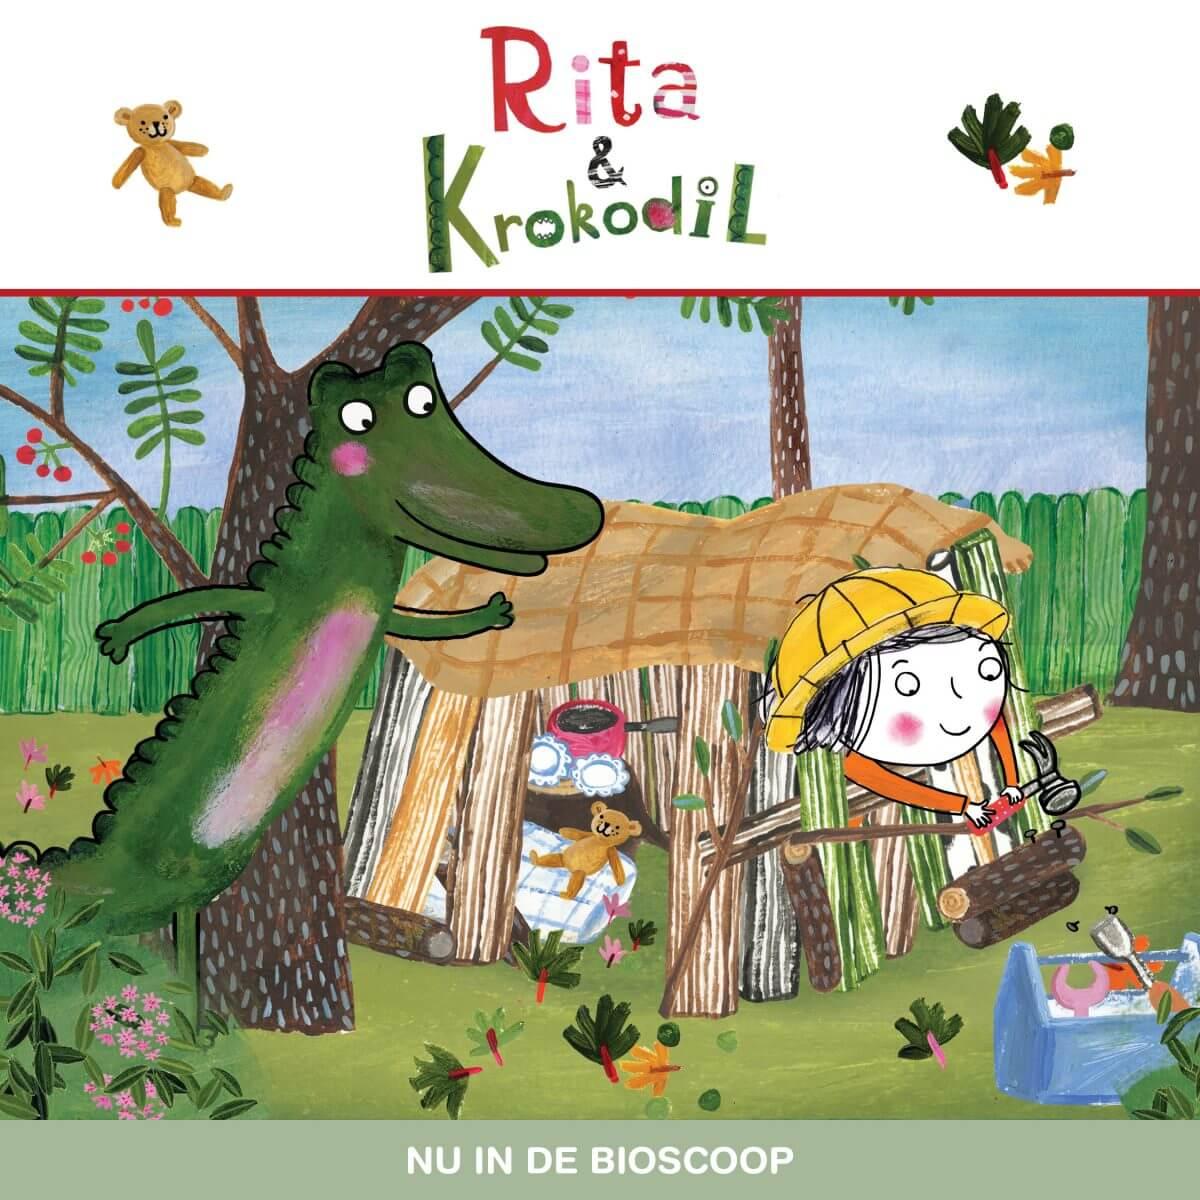 Filmtip voor de kerstvakantie: Rita & Krokodil (2+),